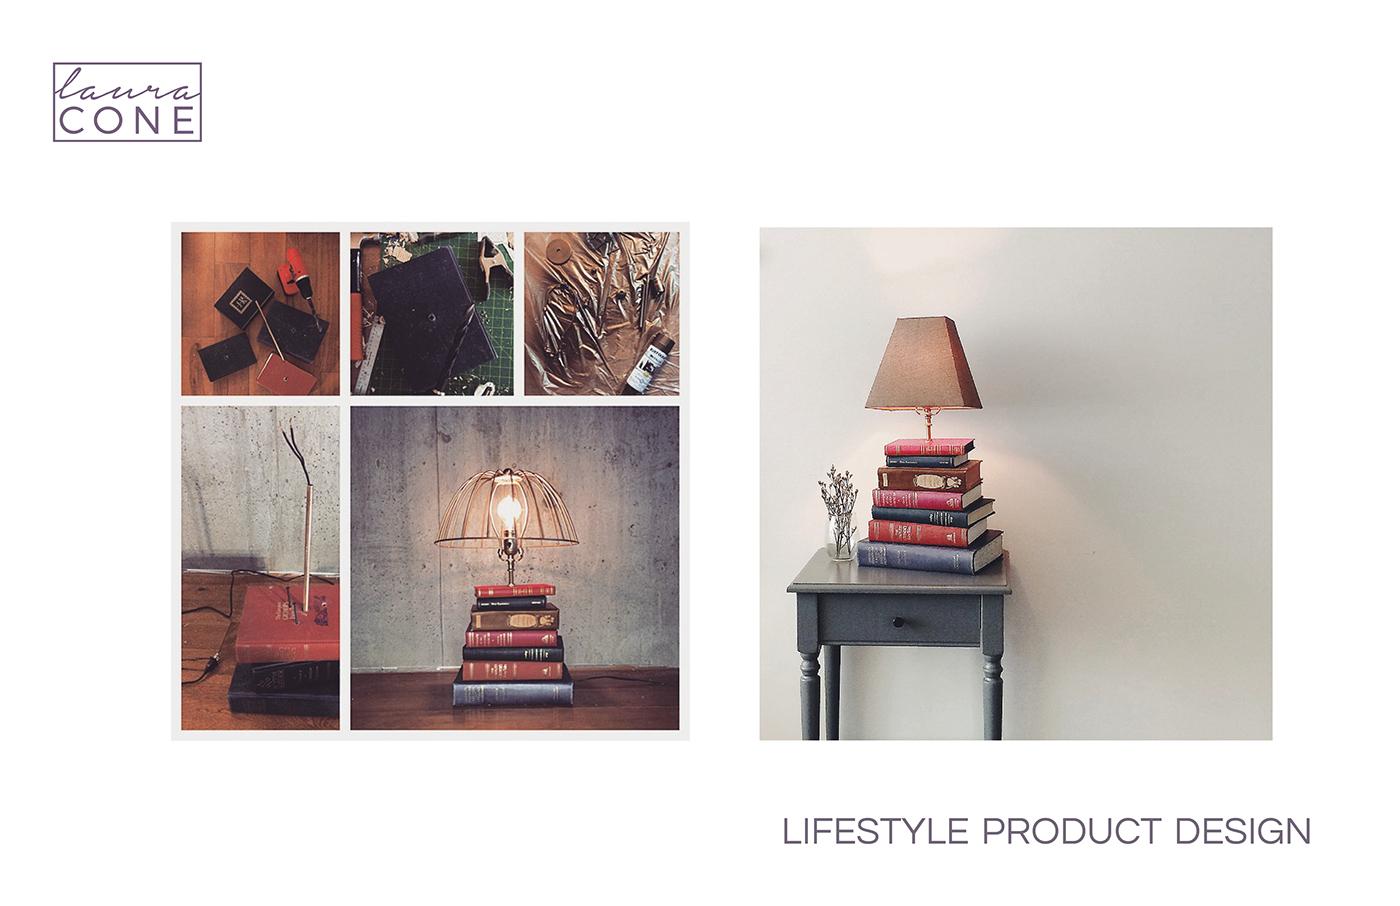 高質感的19套創意產品設計欣賞